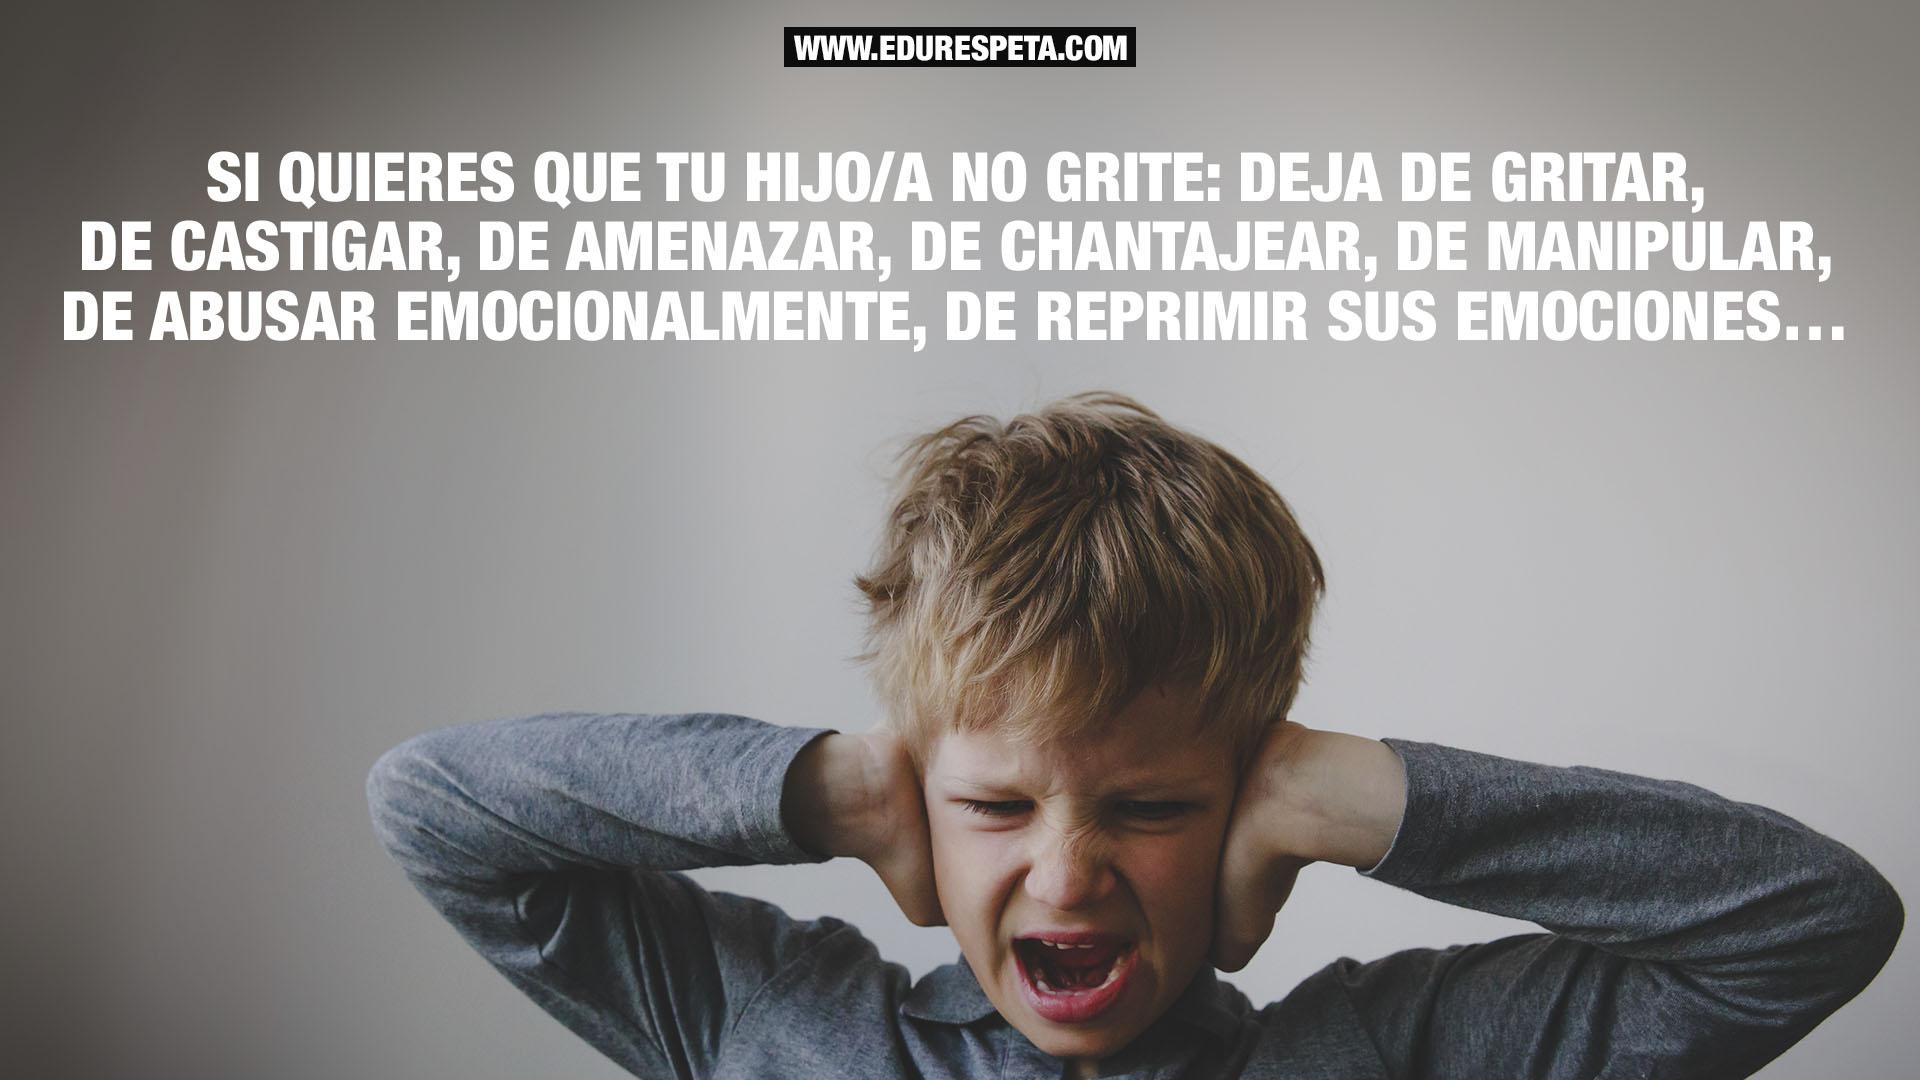 Si quieres que tu hijo/a no grite: deja de gritar, de castigar, de amenazar, de chantajear, de manipular, de abusar emocionalmente